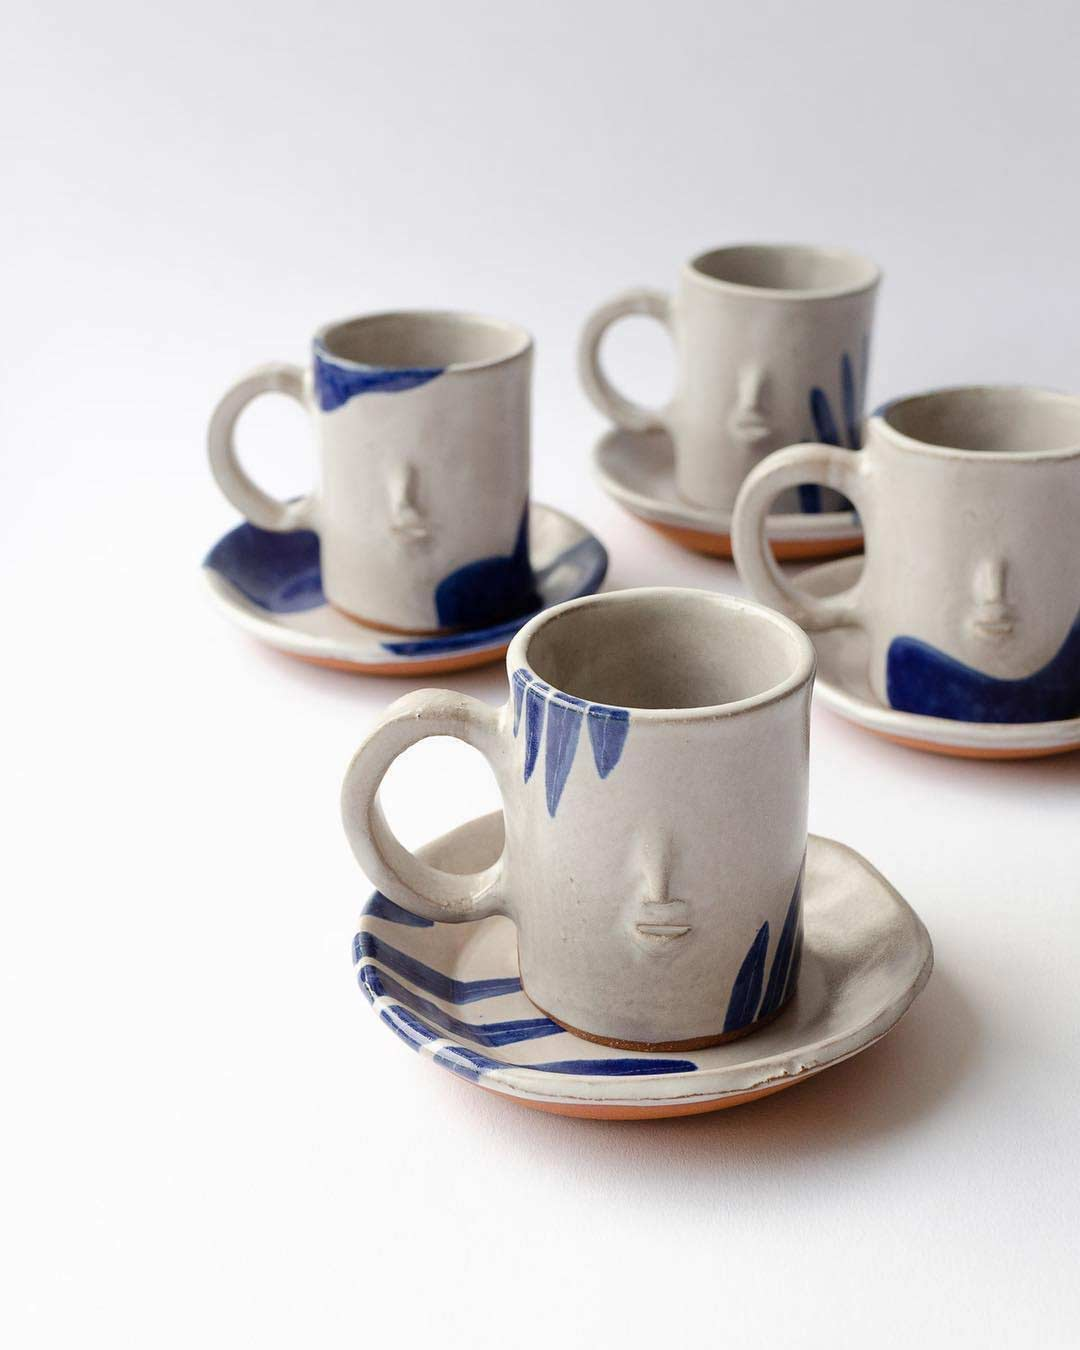 Keramikware mit Miniatur-Gesichtern keramik-mit-gesichtern-rami-kim_07